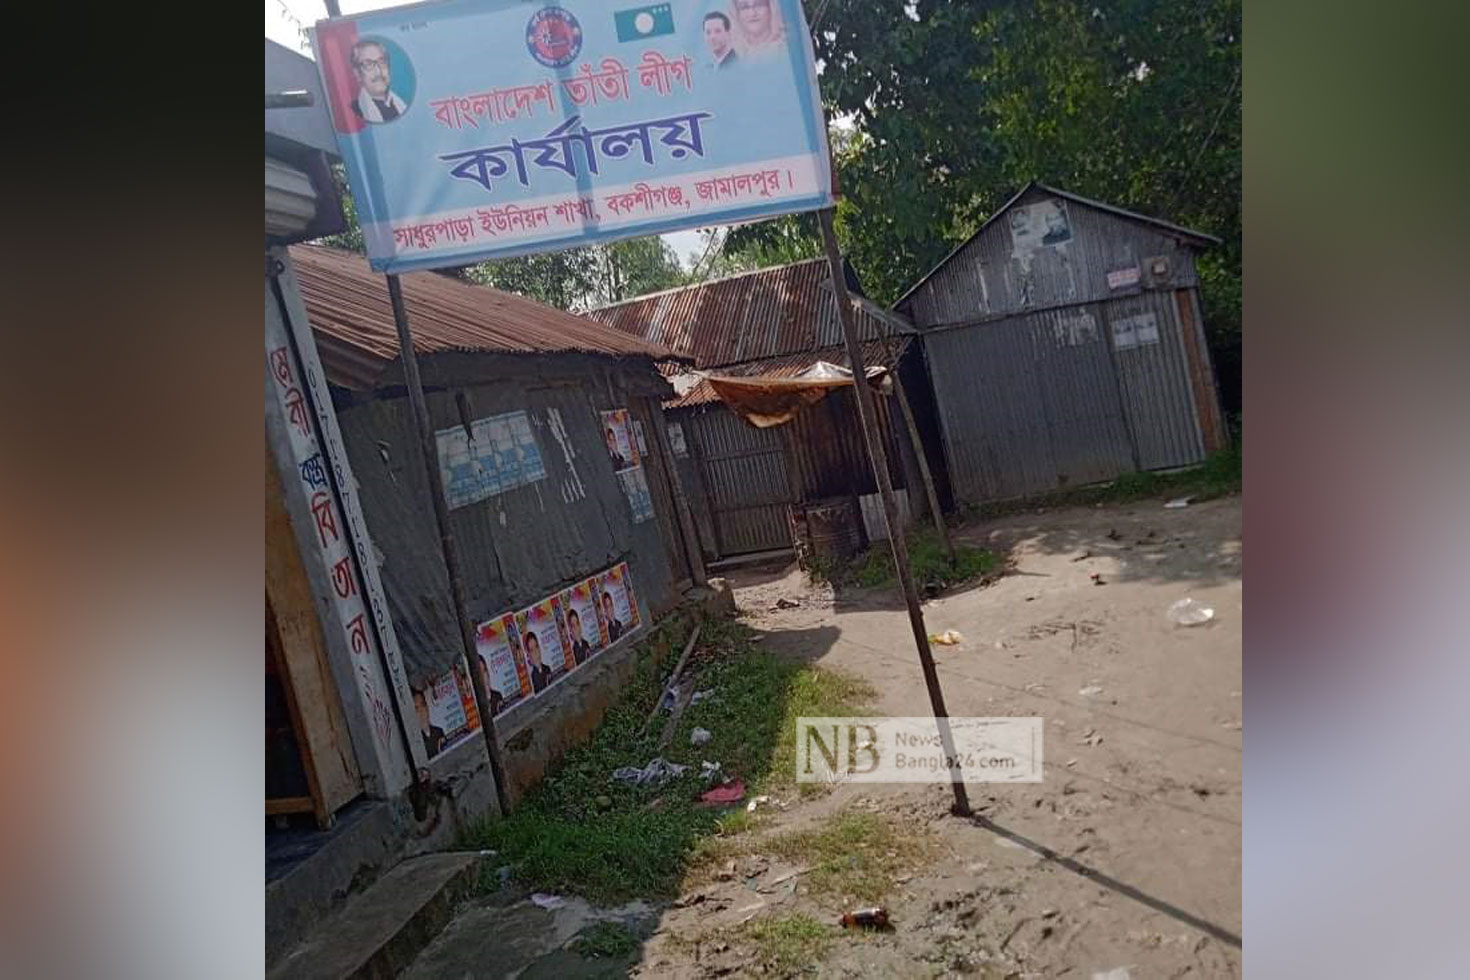 বীর মুক্তিযোদ্ধার দোকান দখল করে 'নির্বাচনি ক্যাম্প'